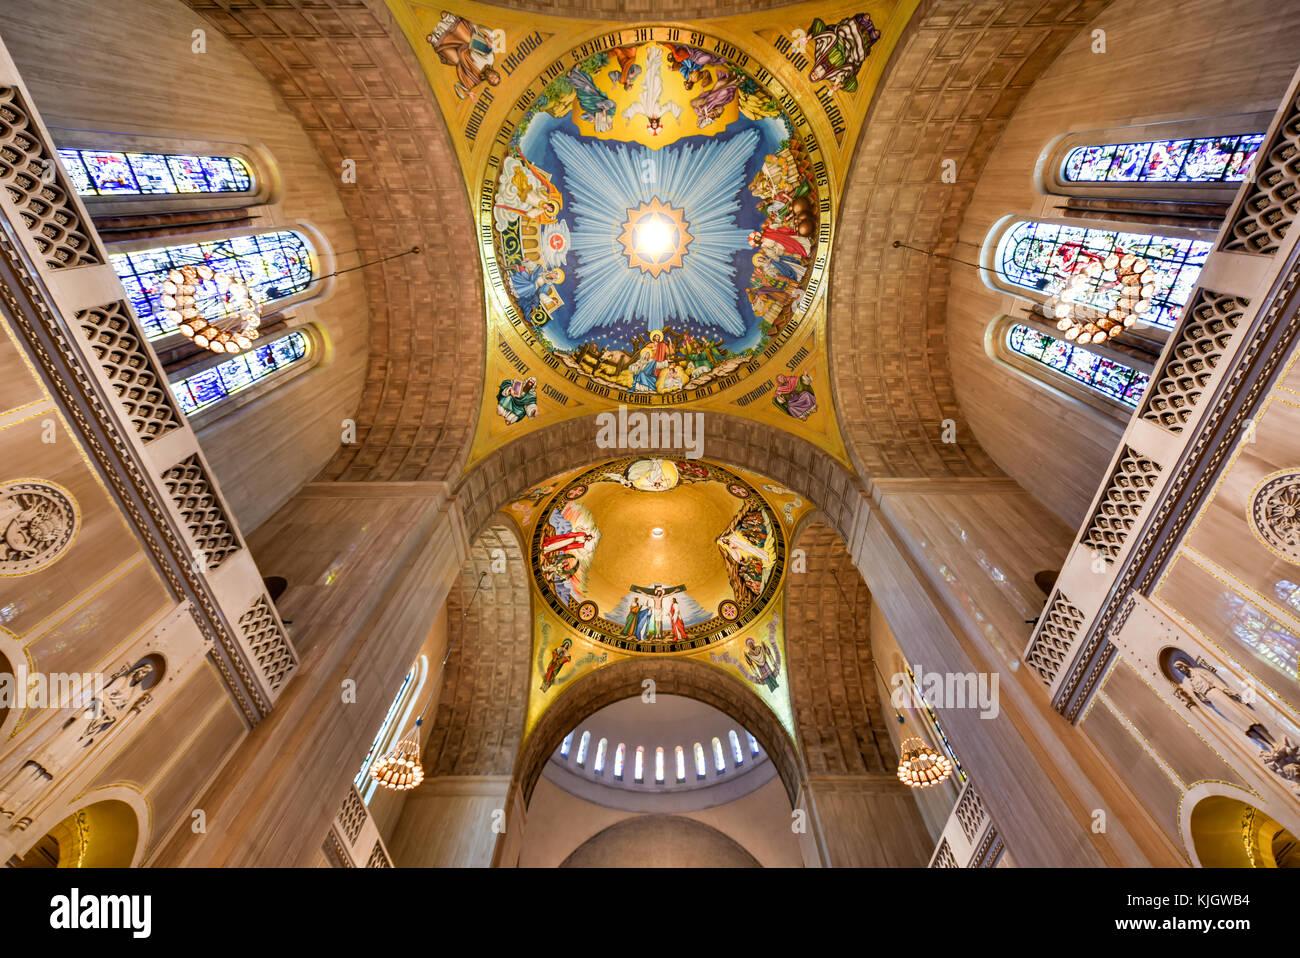 Washington DC - April 12, 2015: Basilica of the National Shrine Catholic Church, Washington DC, USA. Stock Photo